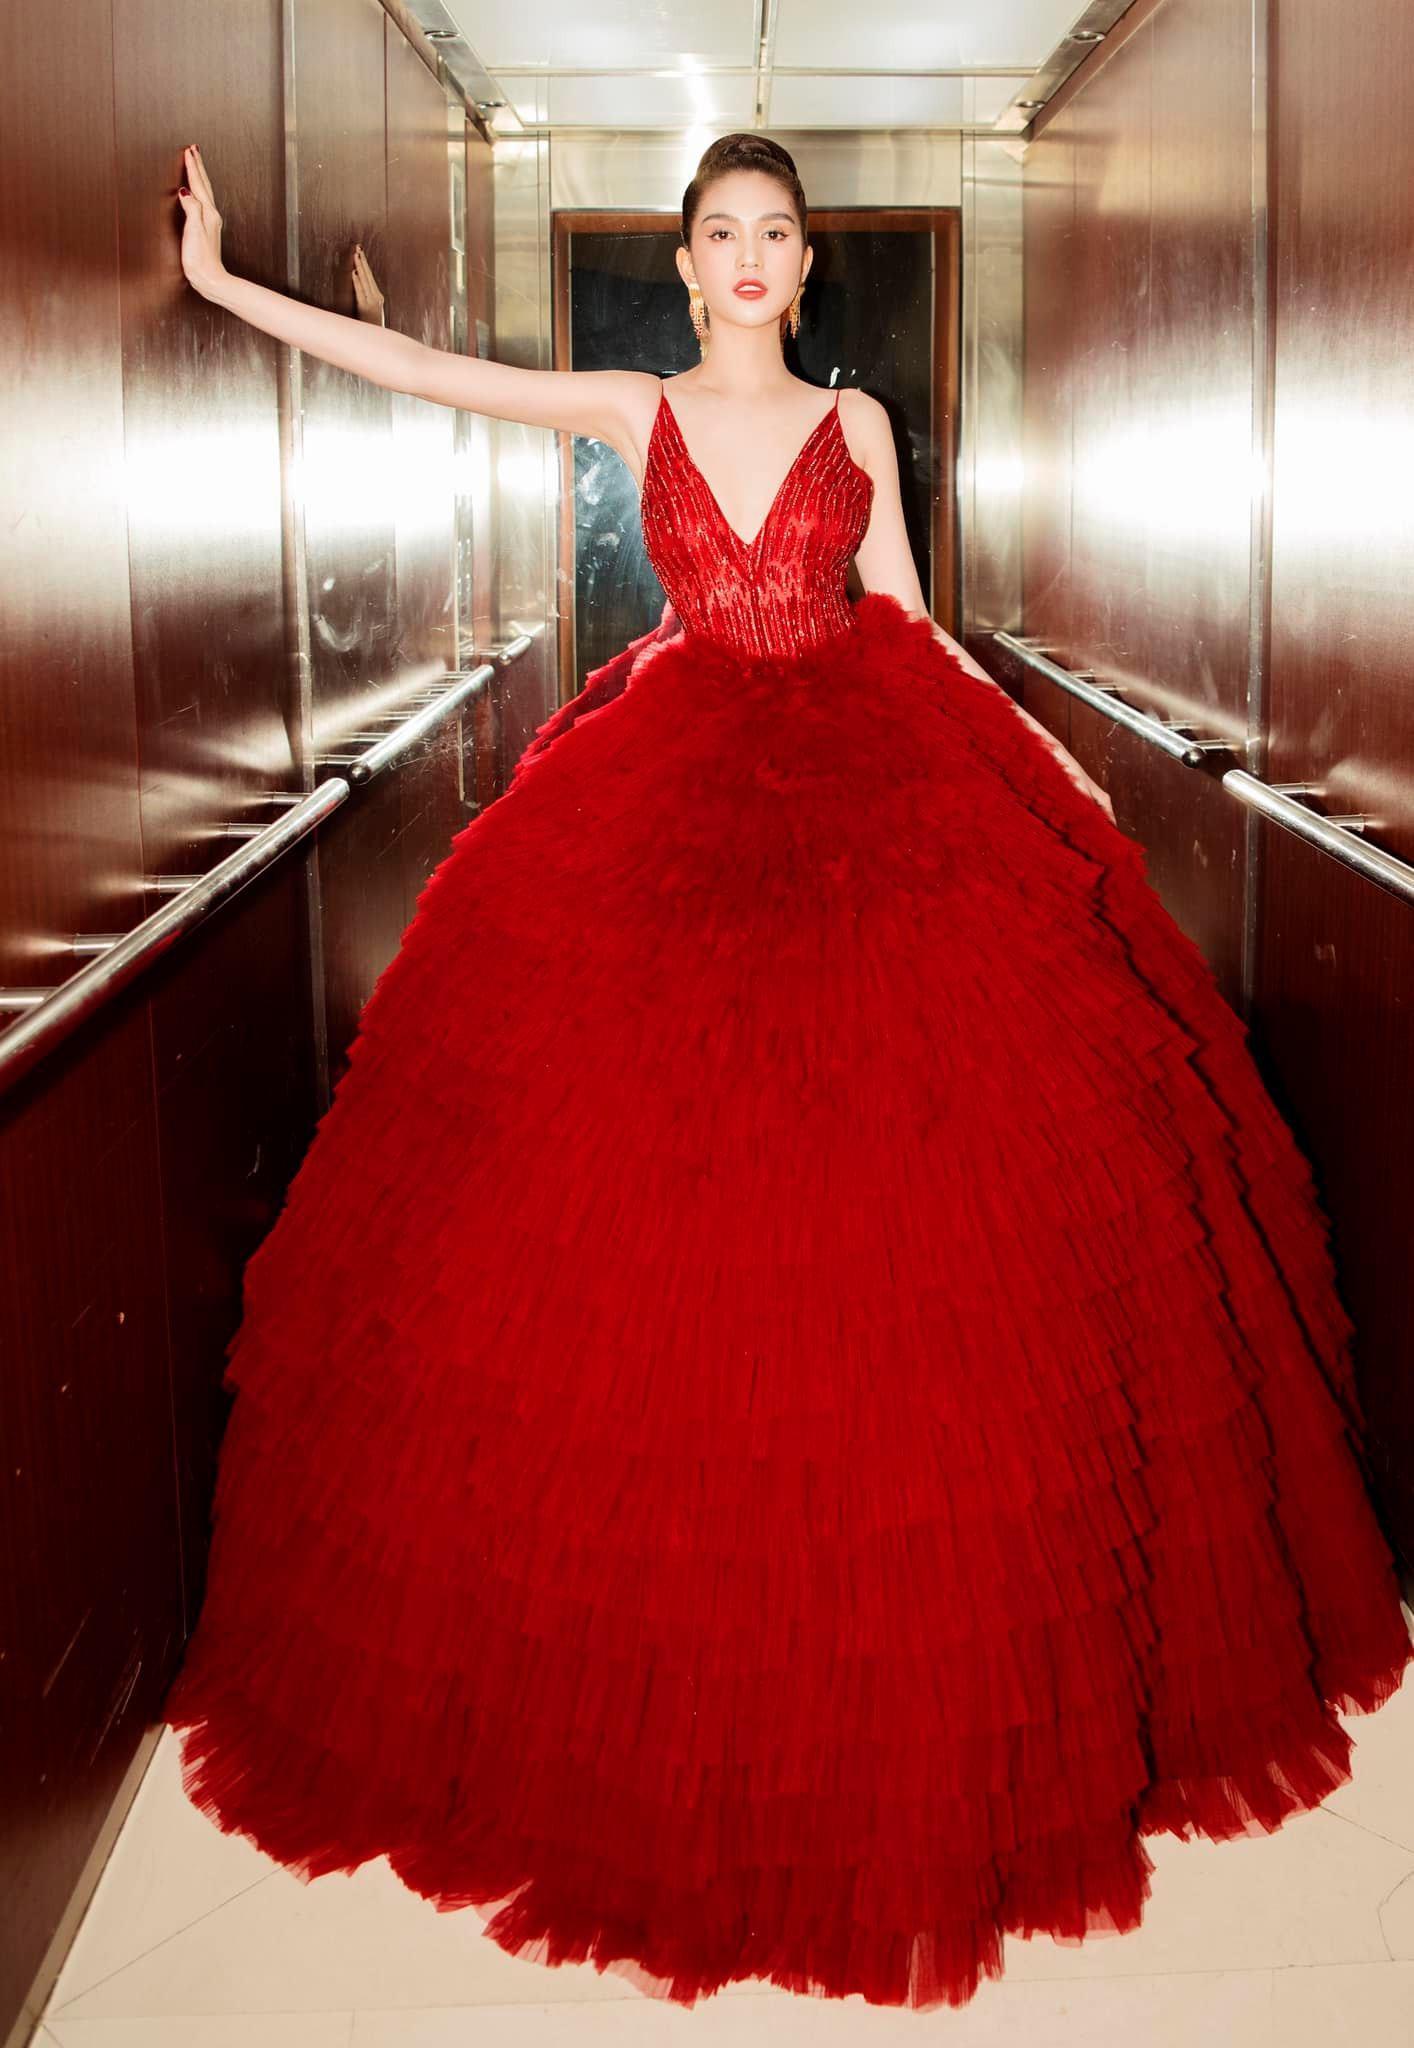 Chán hở bạo, Ngọc Trinh diện váy đỏ hóa thành công chúa lộng lẫy Ảnh 1